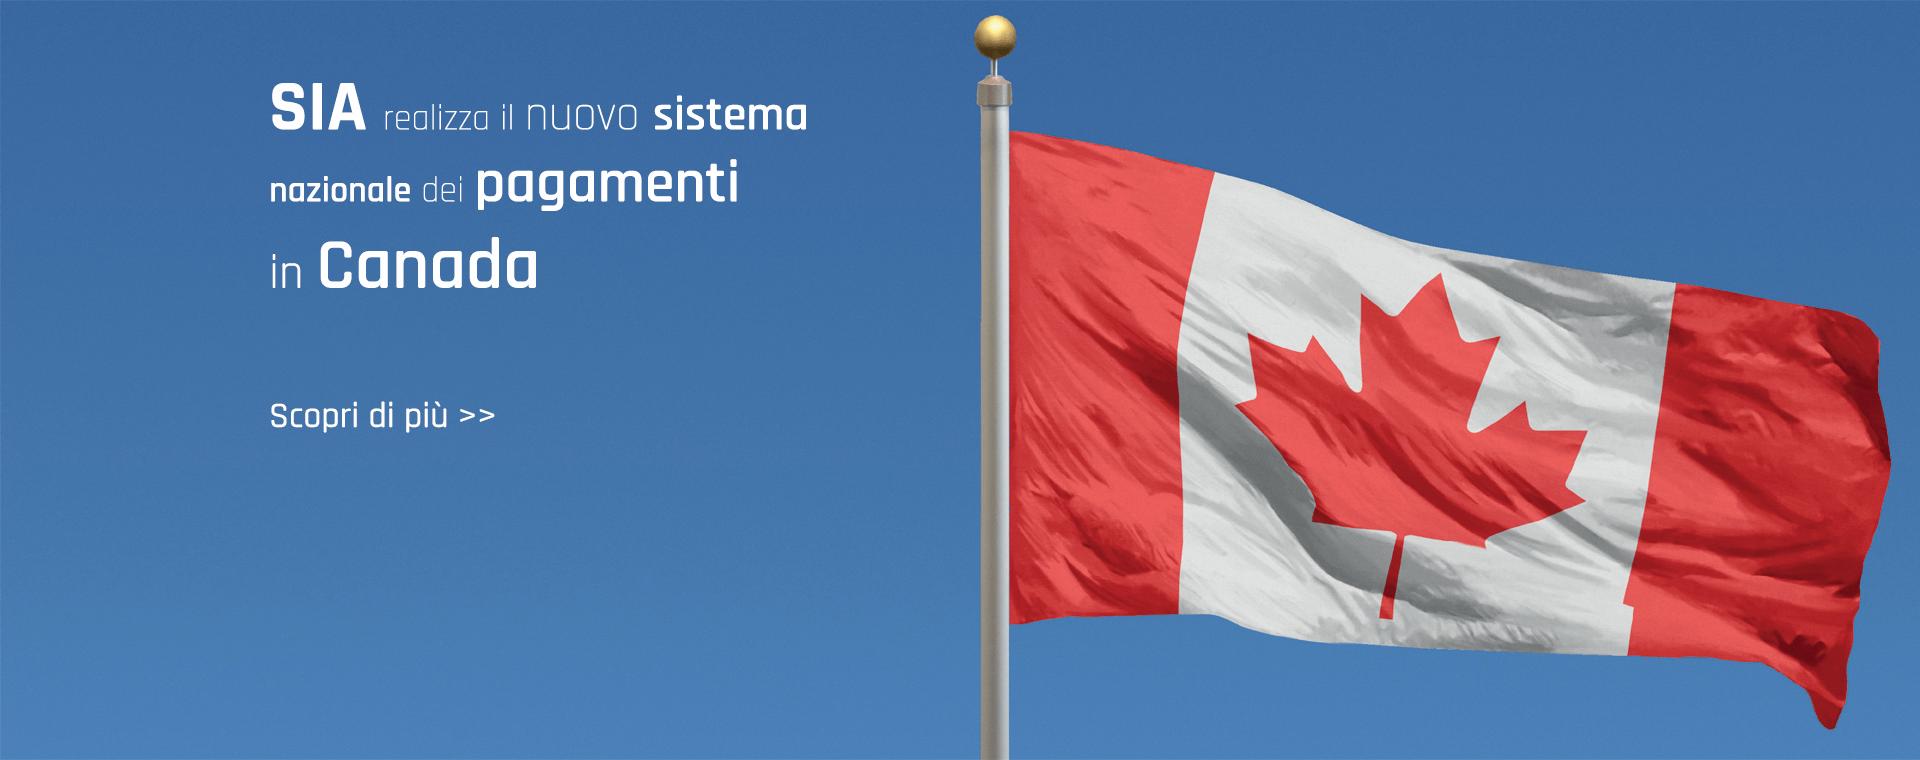 Canada, RTGS, SIA, payments, pagamenti, Perago